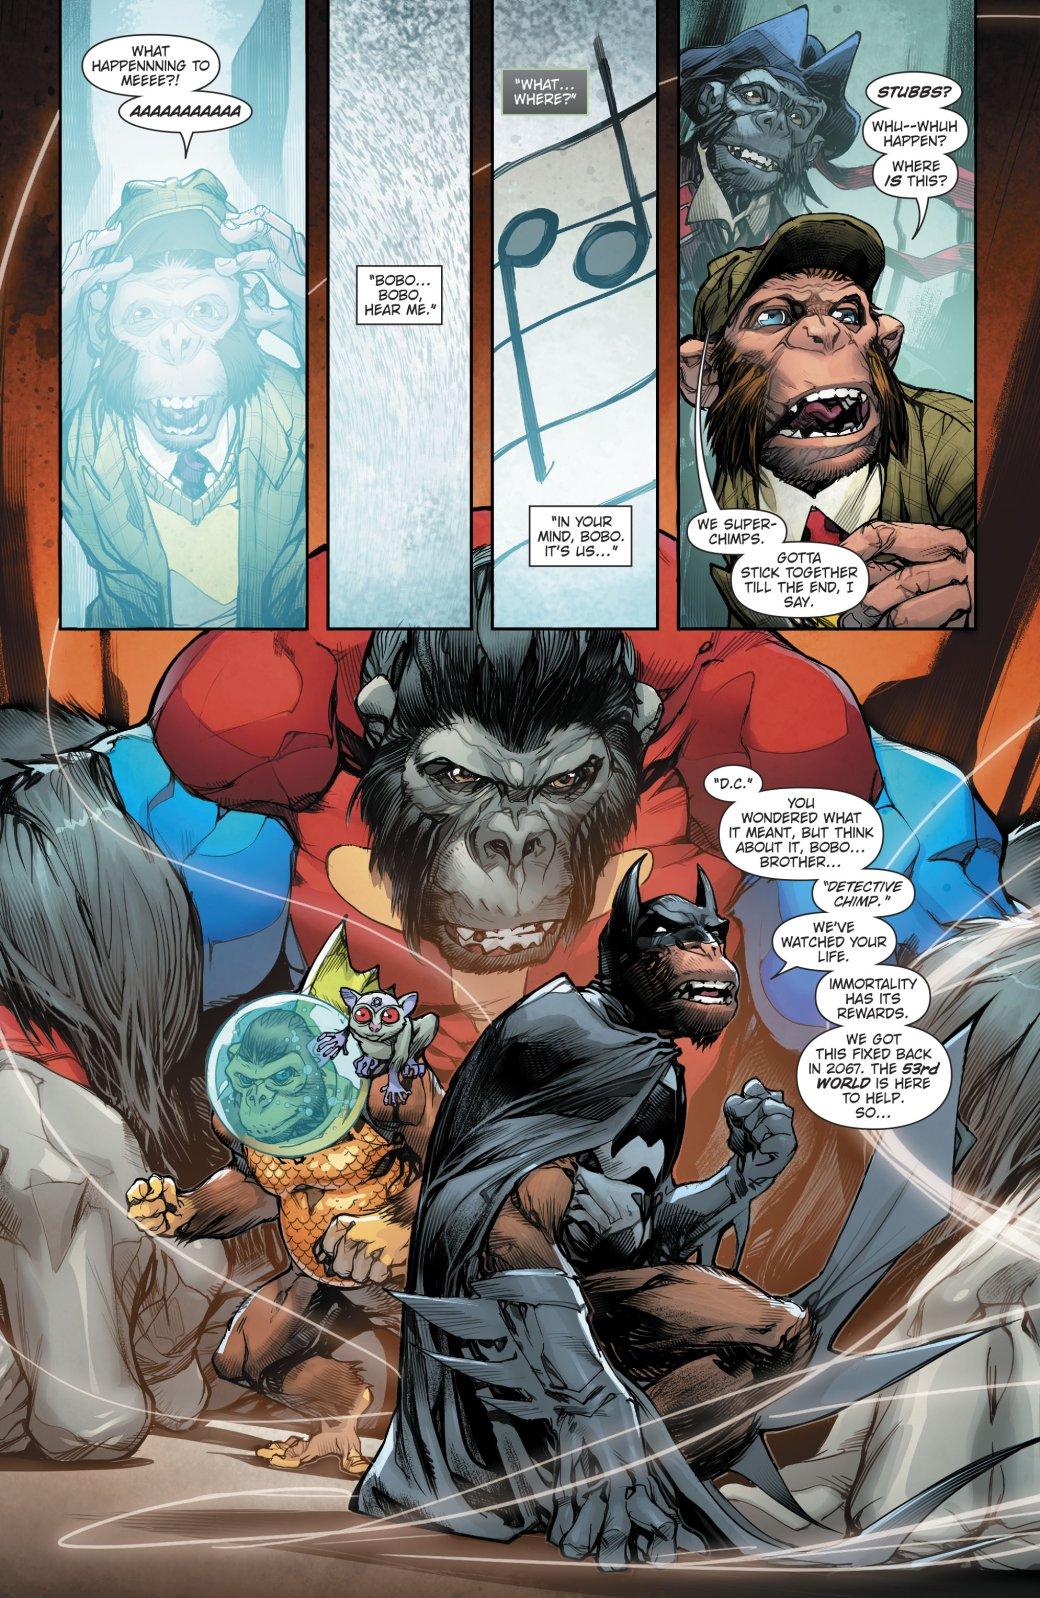 Вкомиксе Dark Nights: Metal представили 53 вселенную, иона населена разумными приматами!. - Изображение 1